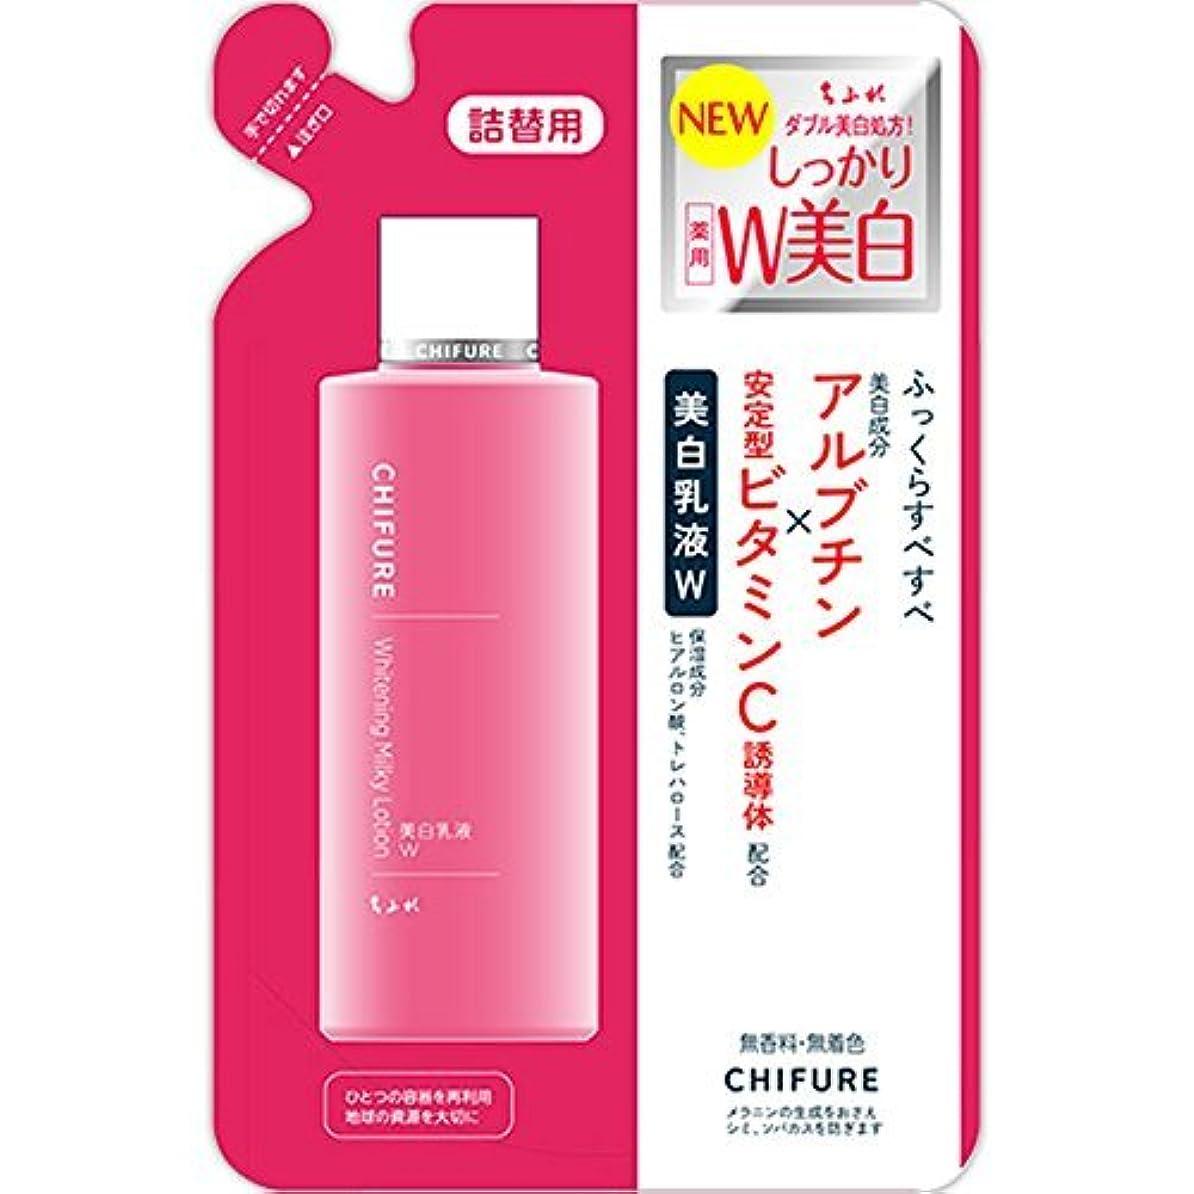 素朴なはねかける霧ちふれ化粧品 美白乳液 W 詰替 150ML (医薬部外品)